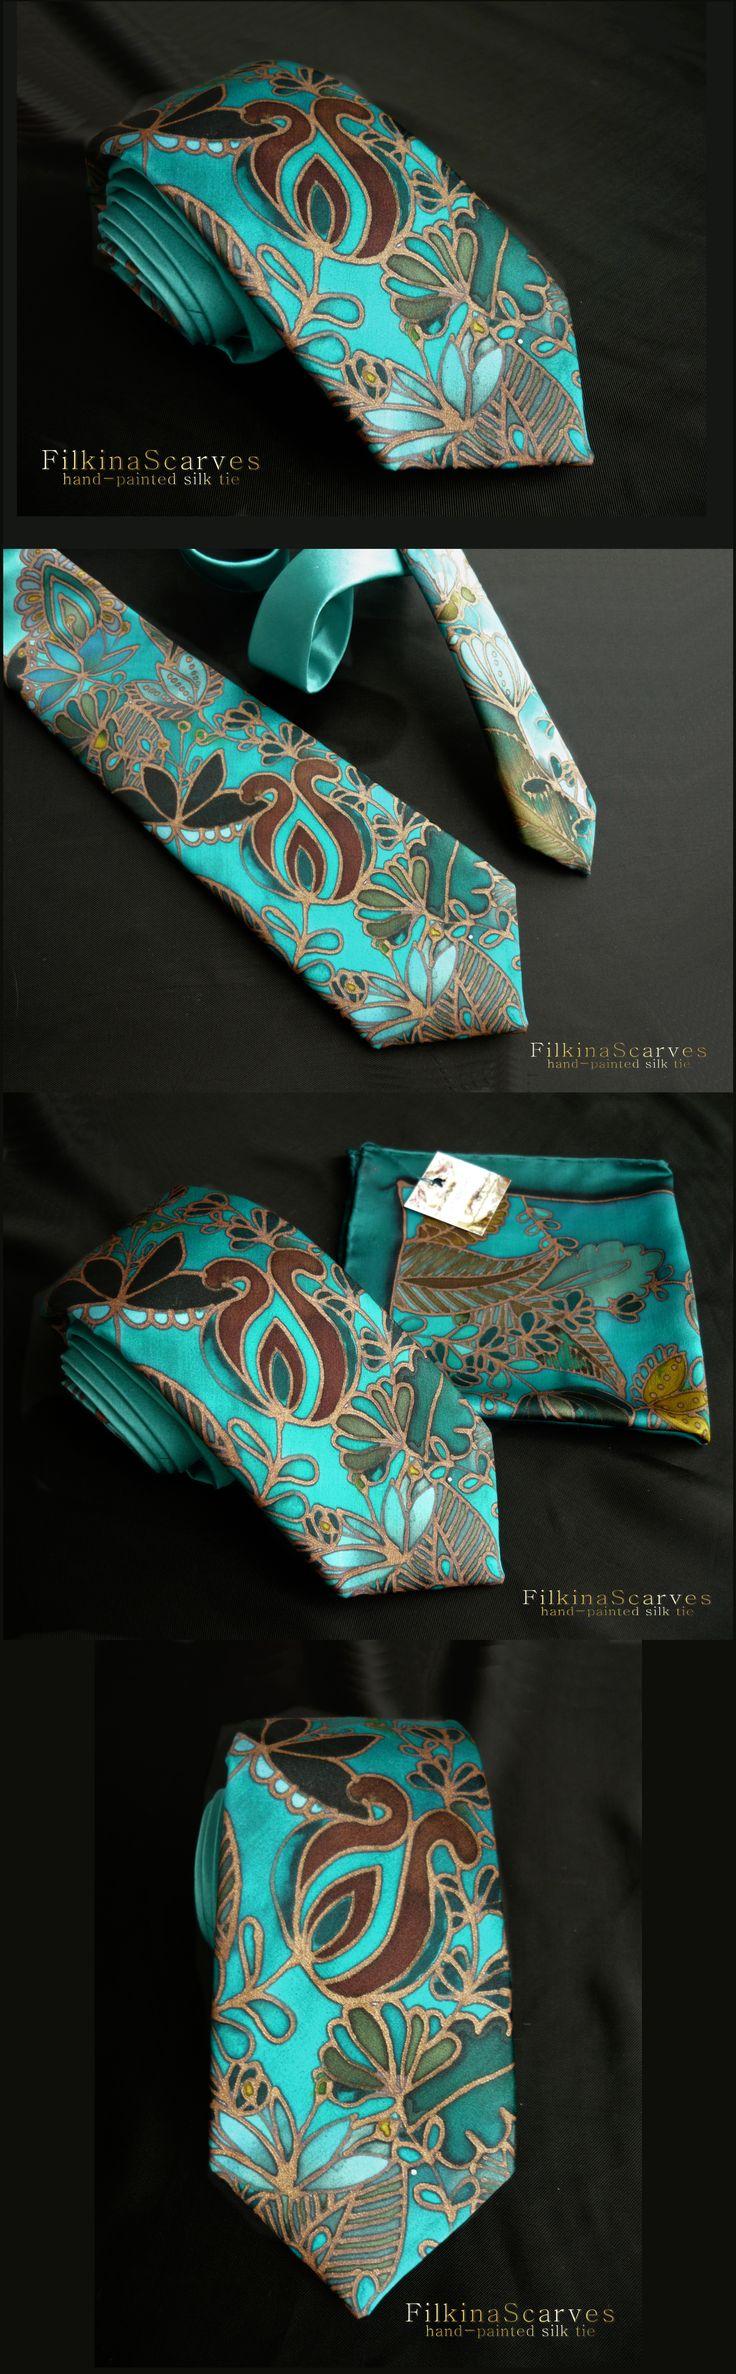 @FilkinaScarves Etsy . #MensFashion #Menstie #SilkNecktie #Paintedtie #HandPaintedtie #MintNecktie #BlueTie #GreenTie #Weddingtie #Bisinesstie #PartyTie #Batiktie FS 42 www.etsy.com/filkinascarves/listing/535904131/mens-tie-silk-necktie-painted-tie?ref=shop_home_active_2 Unique Luxury hand-painted silk satin tie in blue-green-petroleum, elegant abstract flowers hand drawn on blue green background with dark copper contour. The tie was painted using professional silk dyes HDupont; hand-sewn…